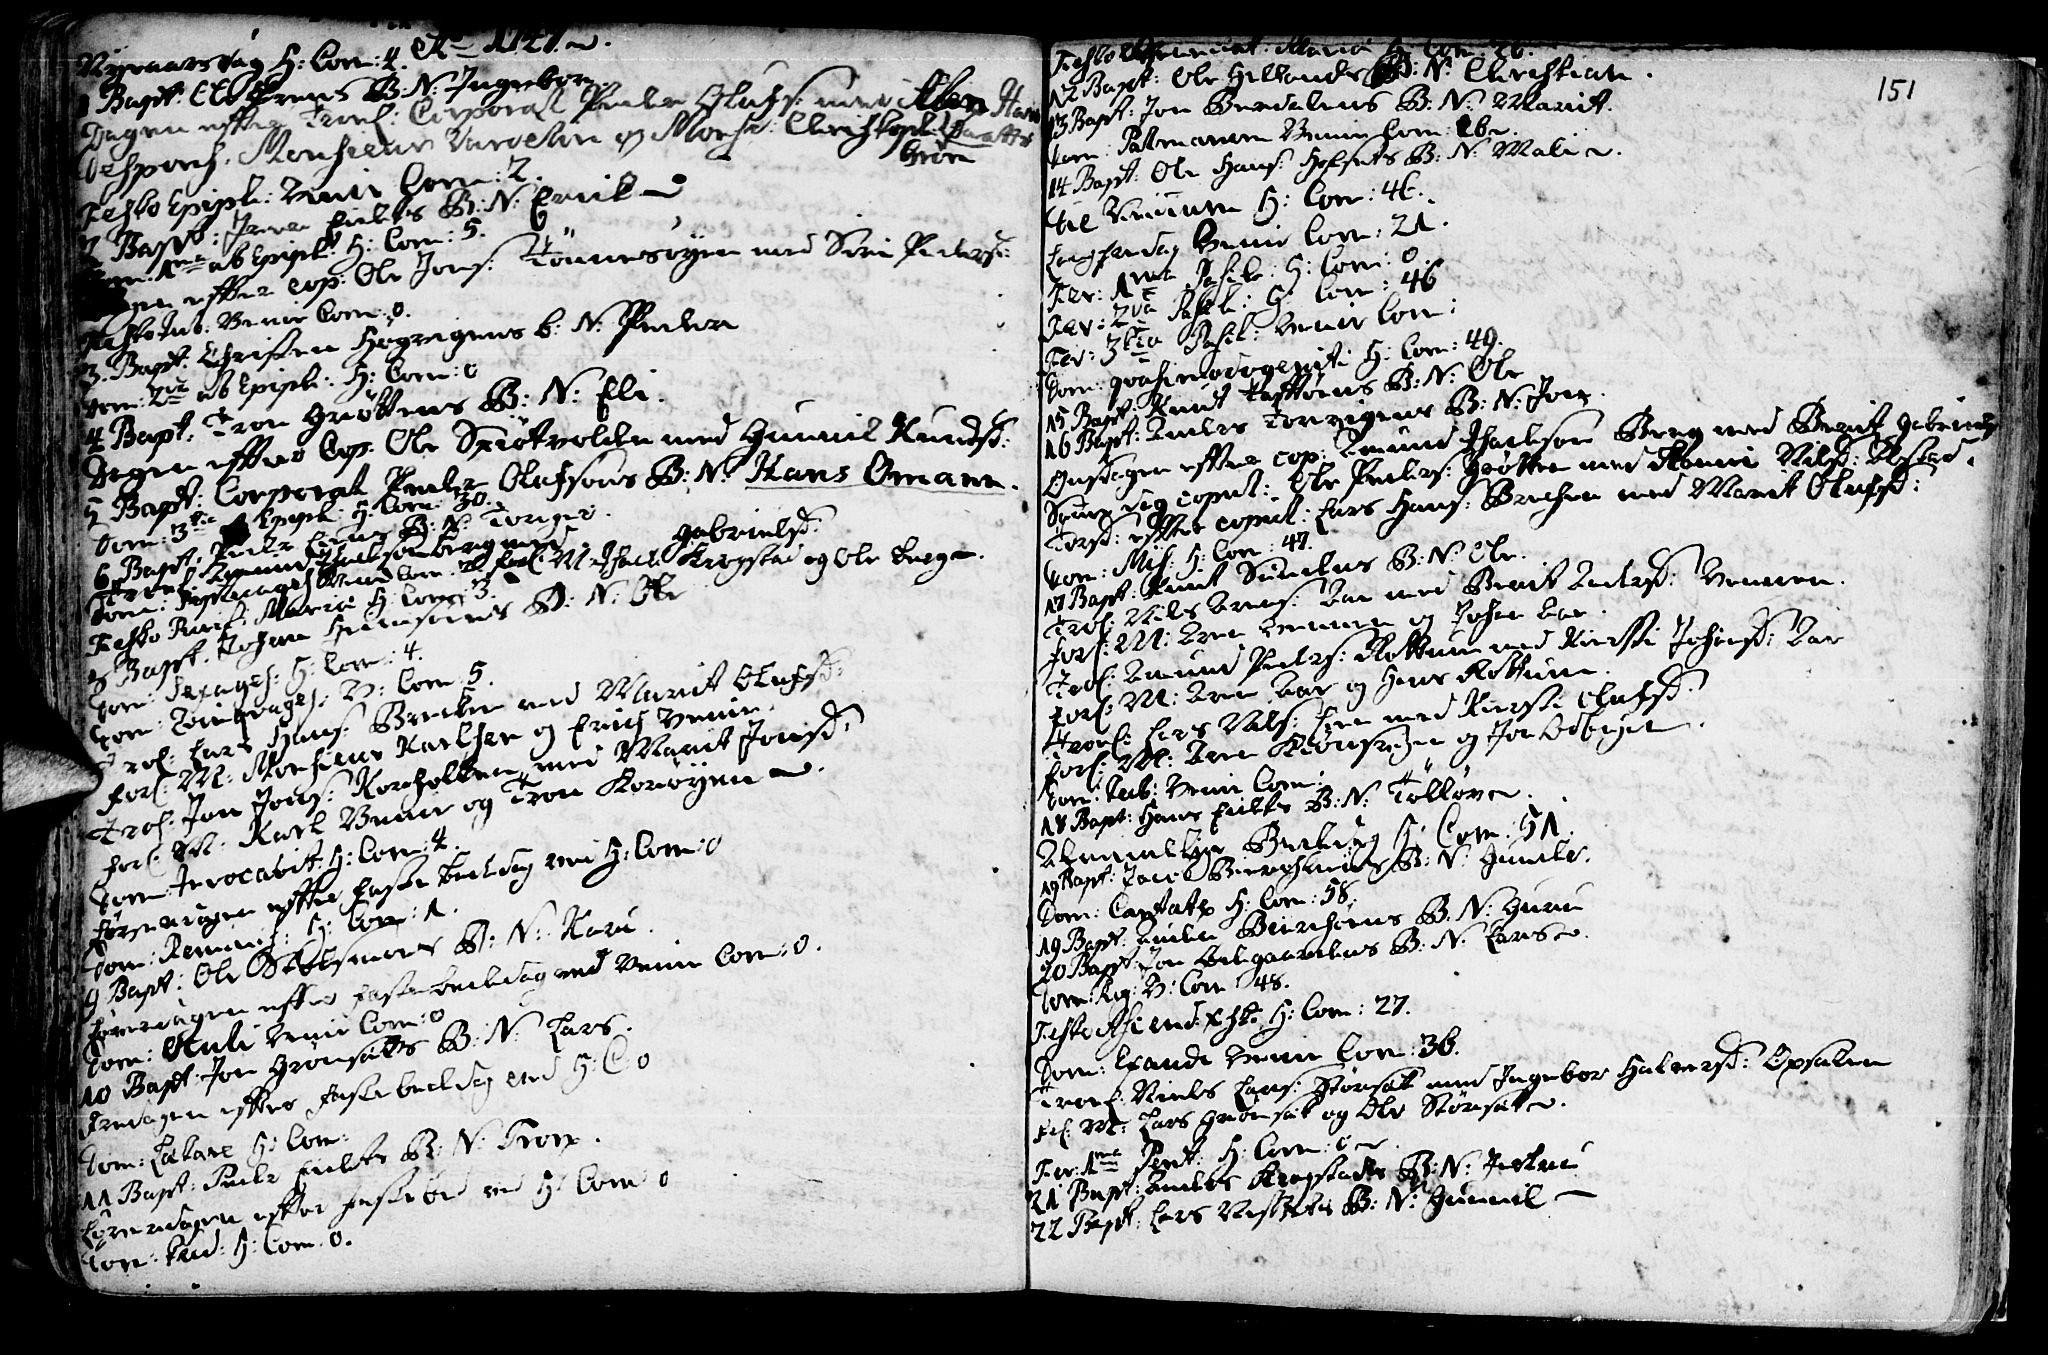 SAT, Ministerialprotokoller, klokkerbøker og fødselsregistre - Sør-Trøndelag, 630/L0488: Ministerialbok nr. 630A01, 1717-1756, s. 150-151